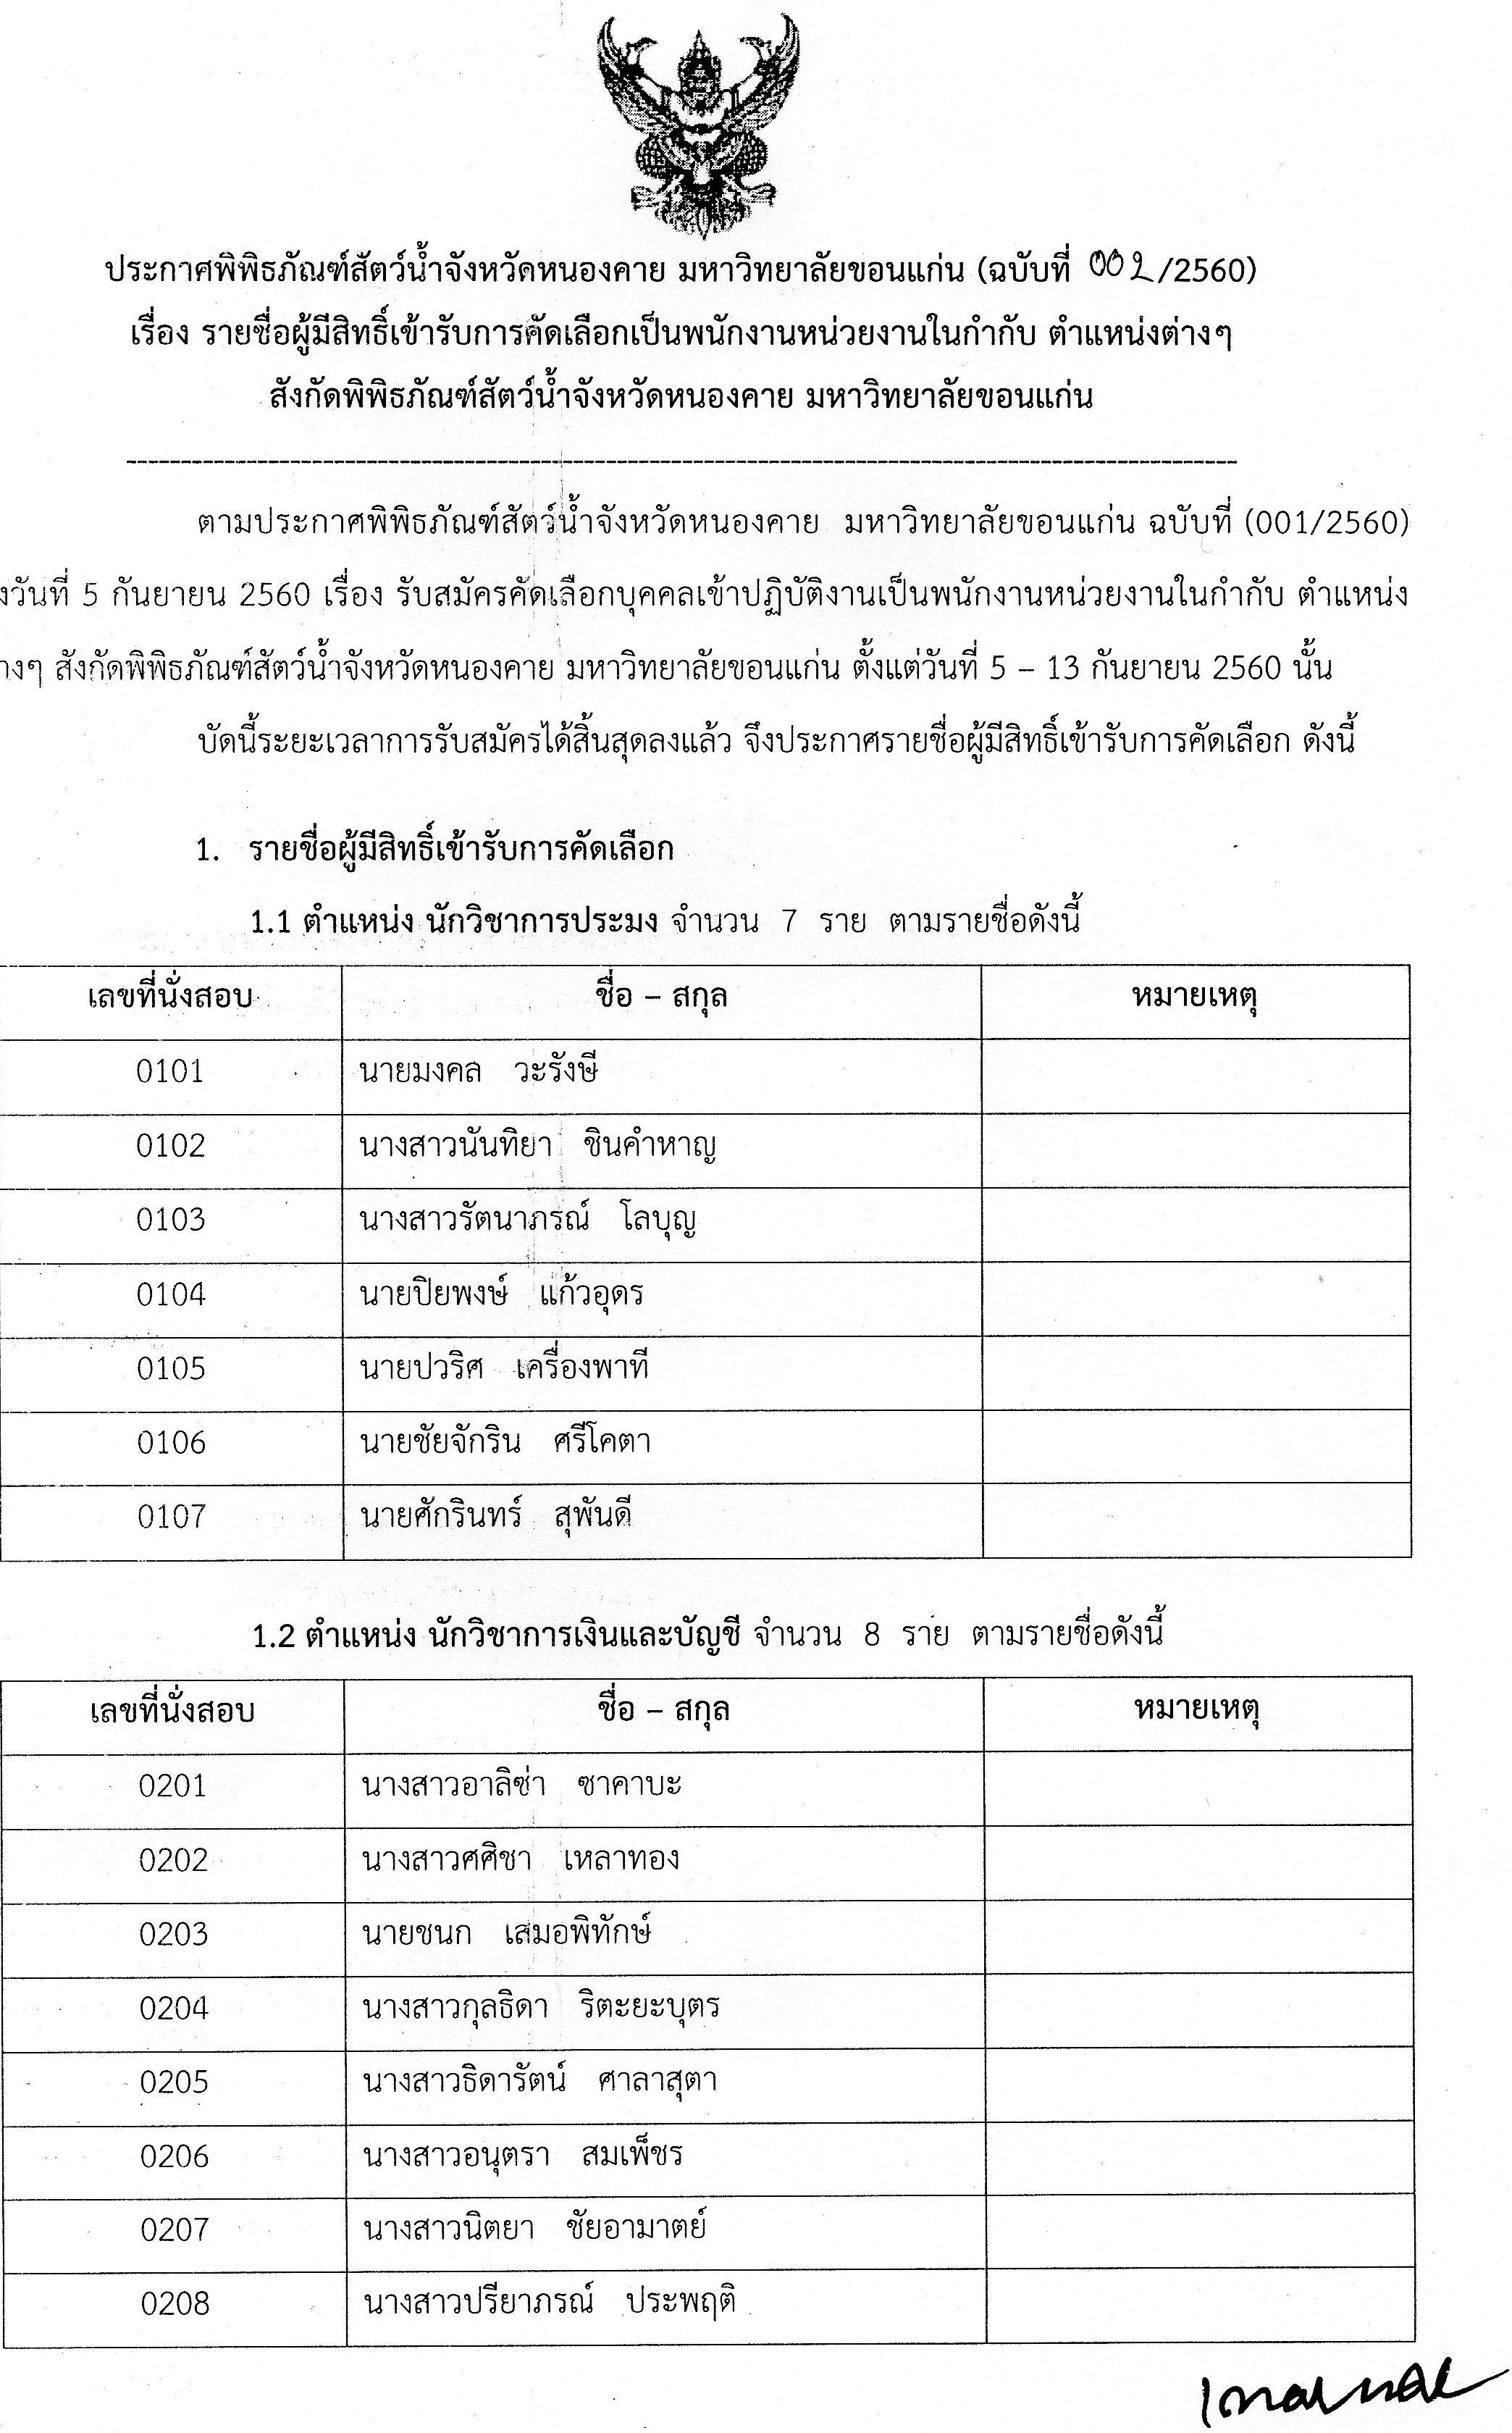 ประกาศ รายชื่อผู้มีสิทธิ์เข้ารับการคัดเลือกเป็นพนักงานหน่วยงานในกำกับ สังกัดพิพิธภัณฑ์สัตว์น้ำจังหวัดหนองคาย (ประกาศฉบับที่002/2560)